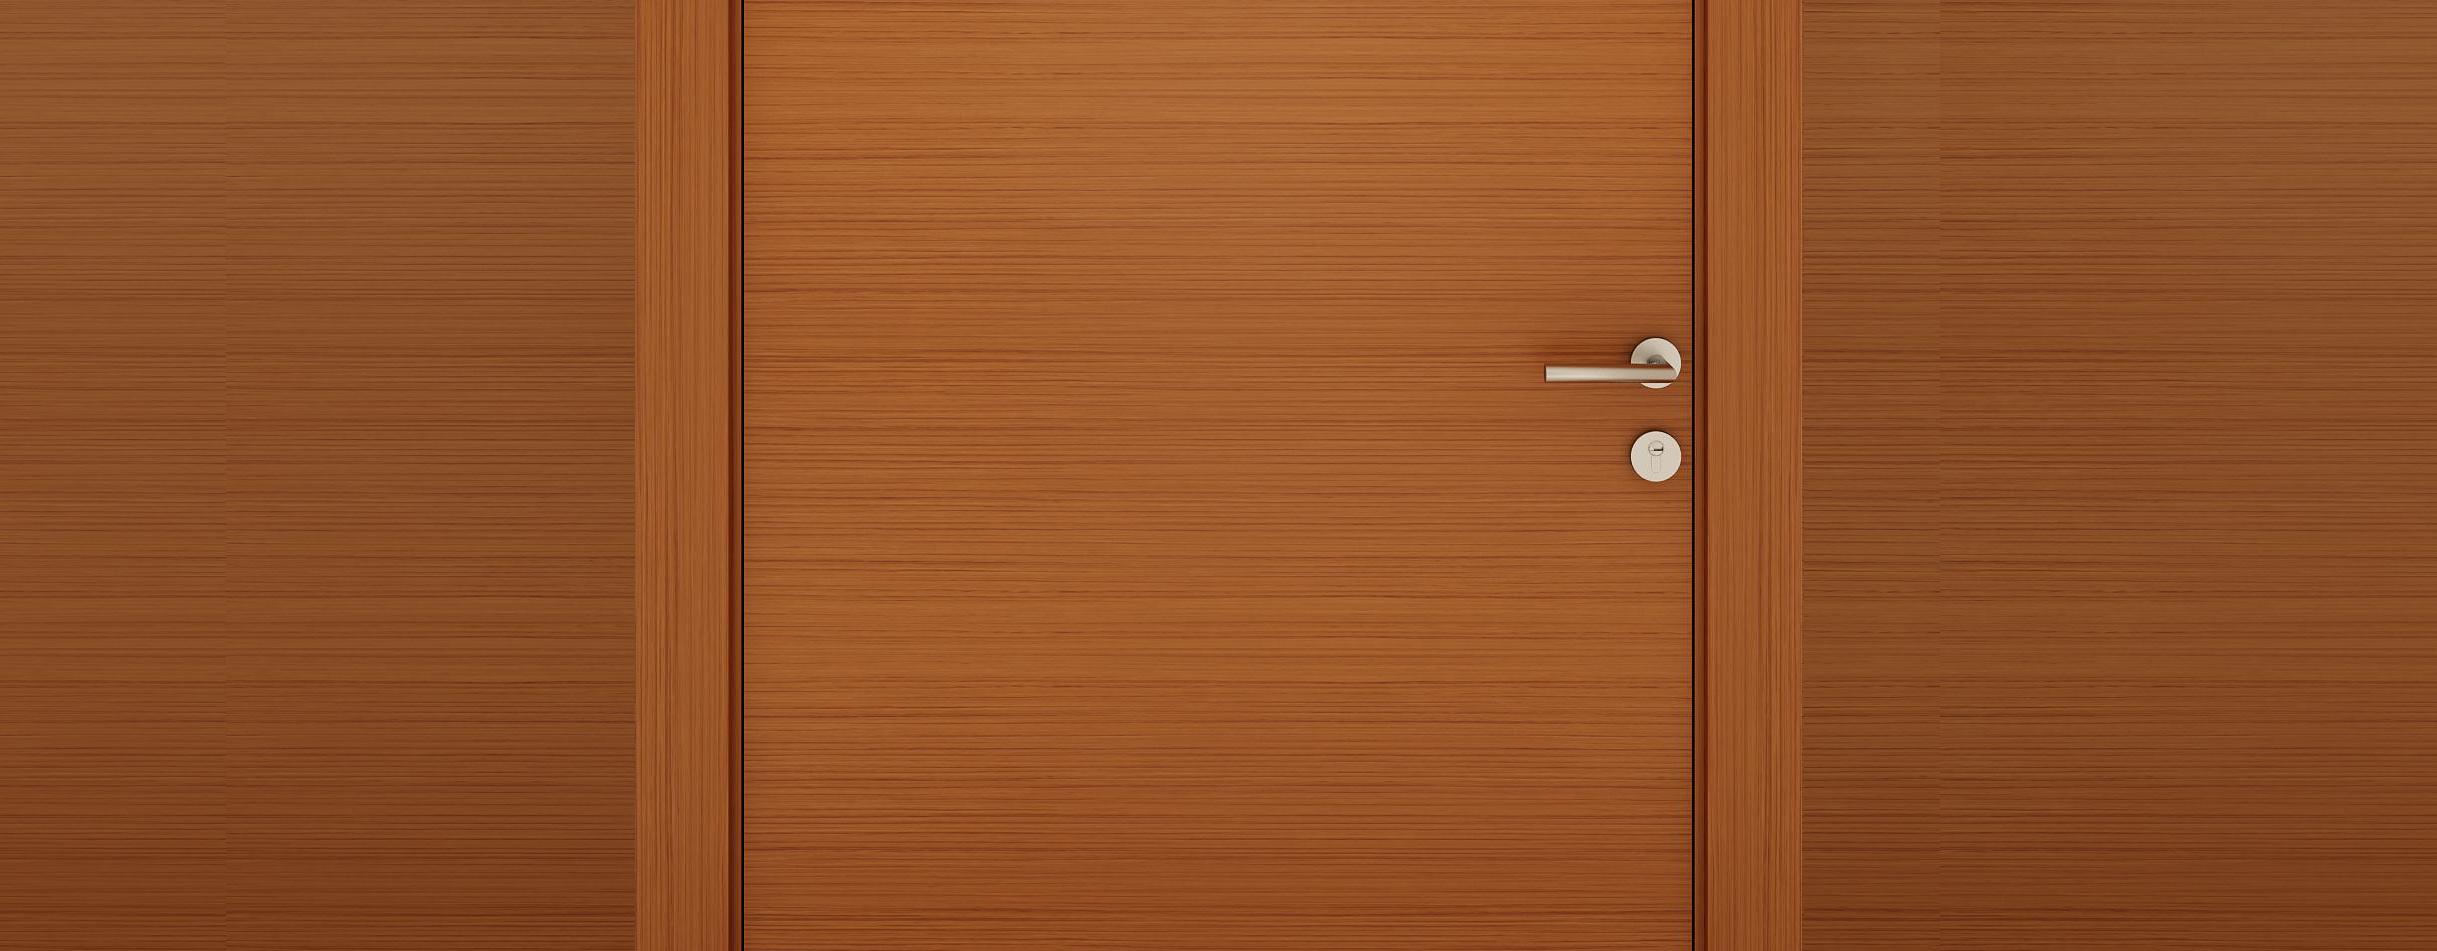 COMO DOORS